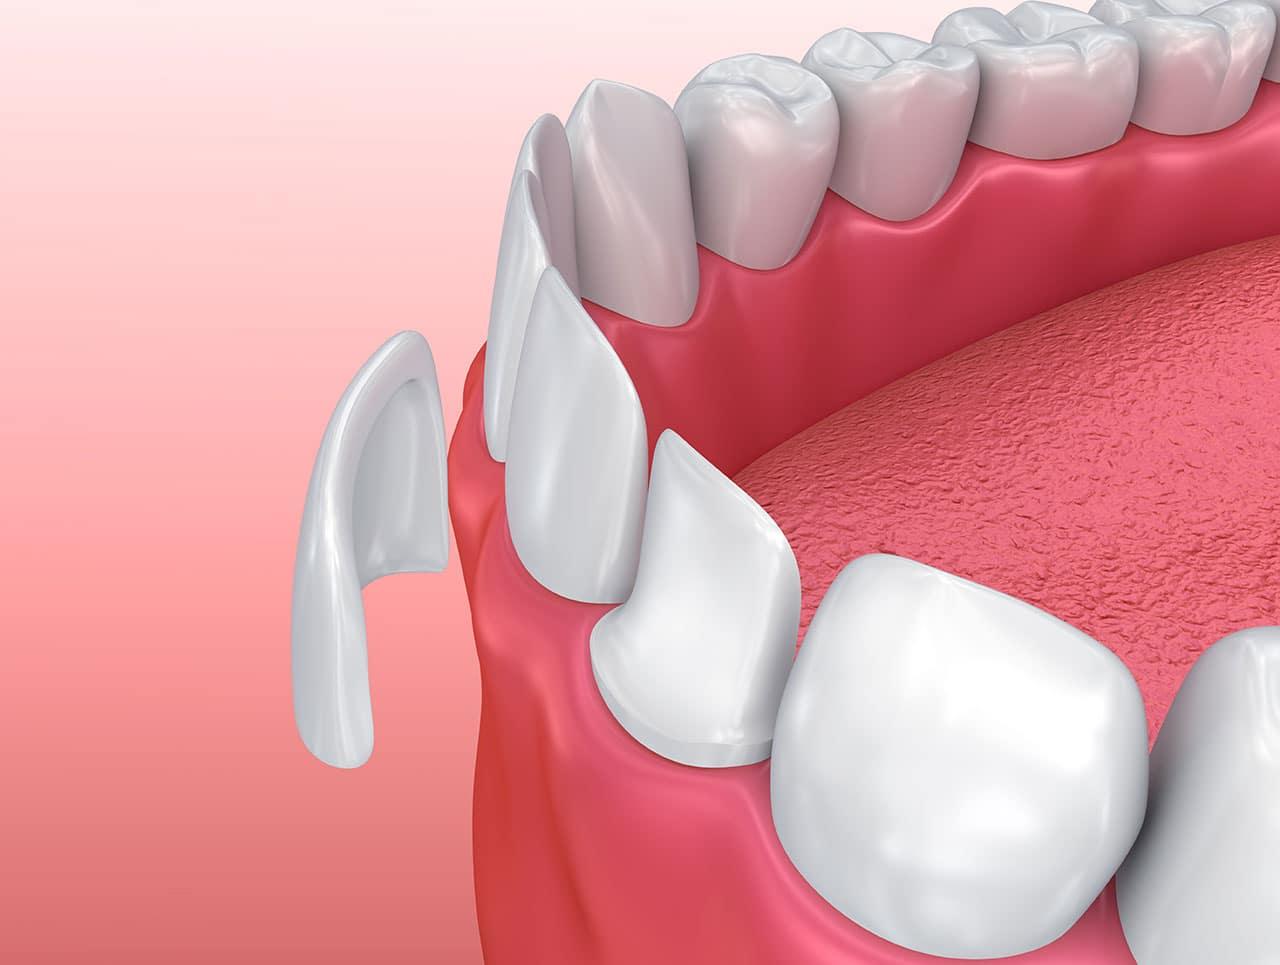 Răng sứ Veneer có thể bảo vệ răng tối đa